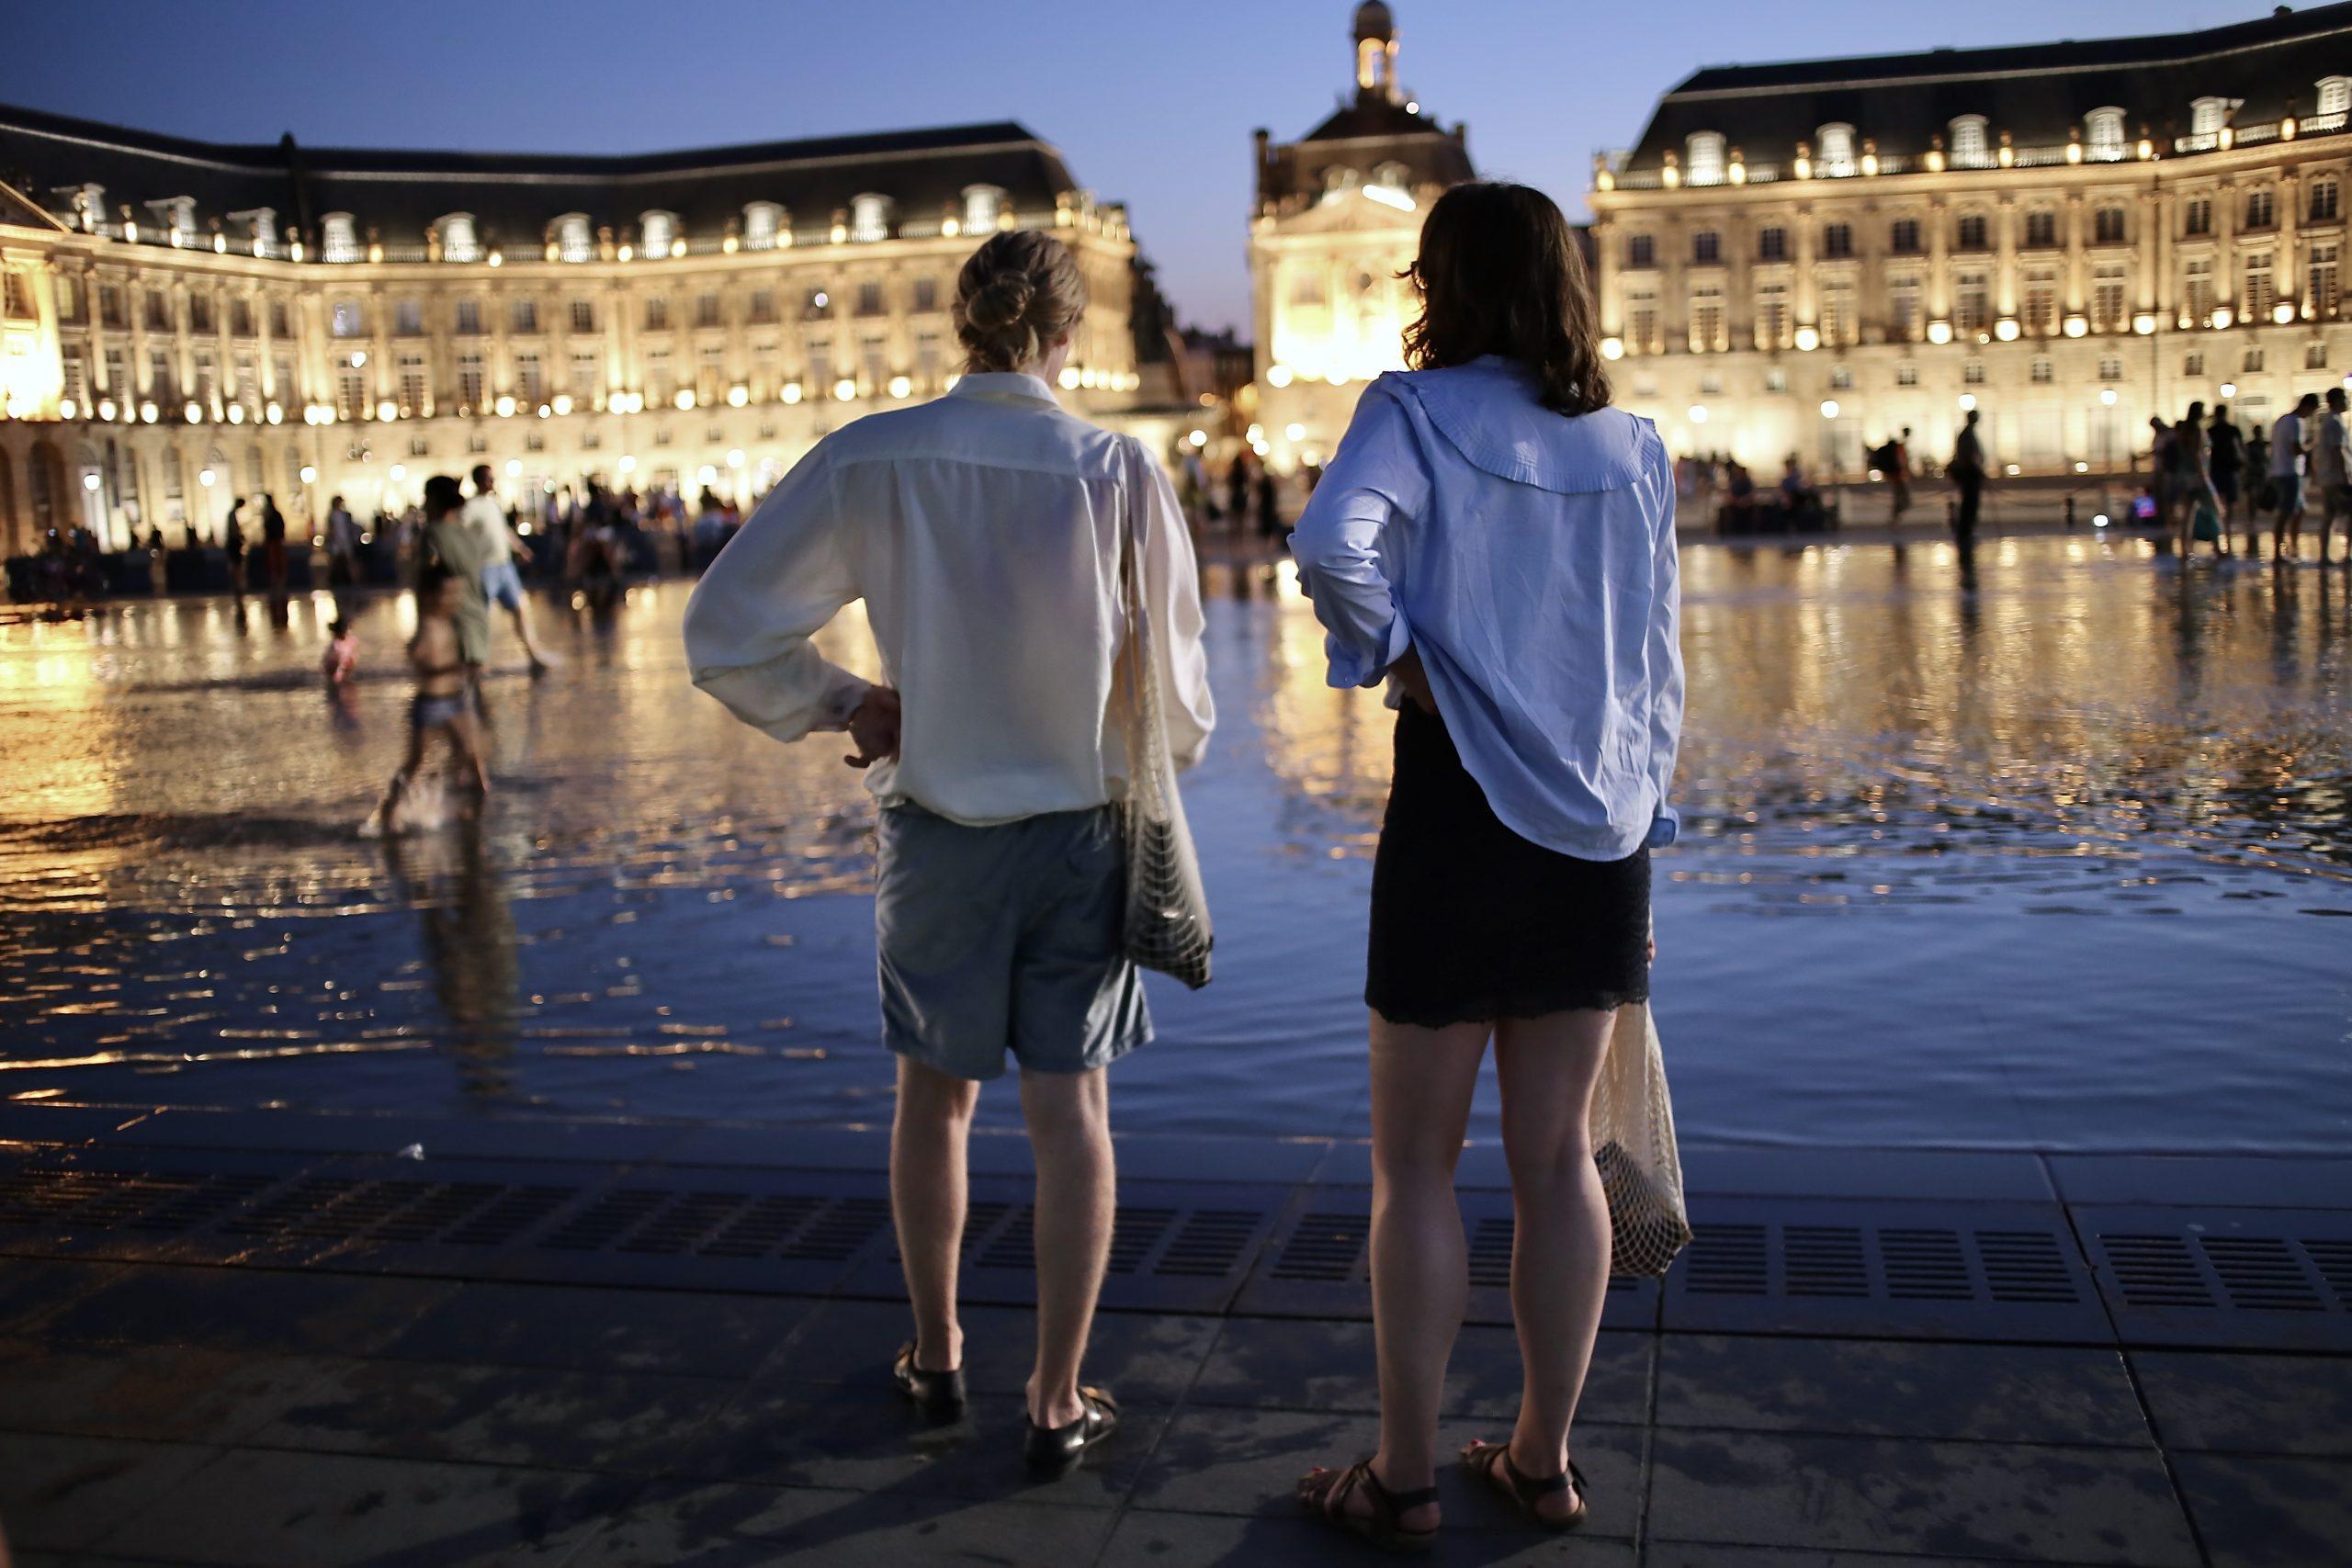 The Miroir d'eau in Bordeaux